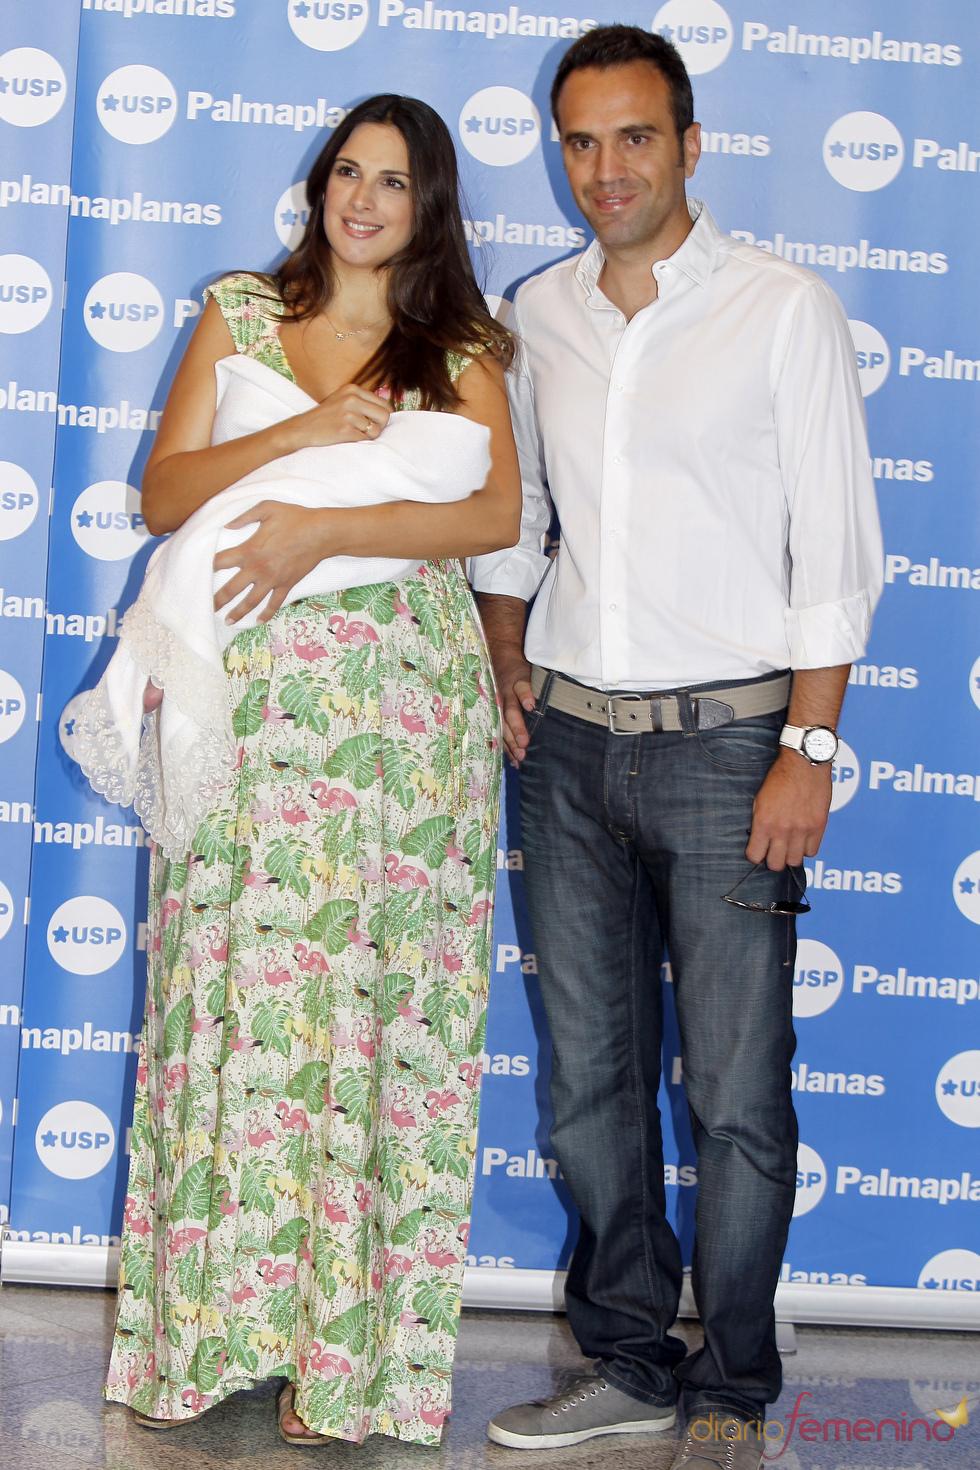 Nuria Fergó y su marido José Manuel presentan a su hija Martina